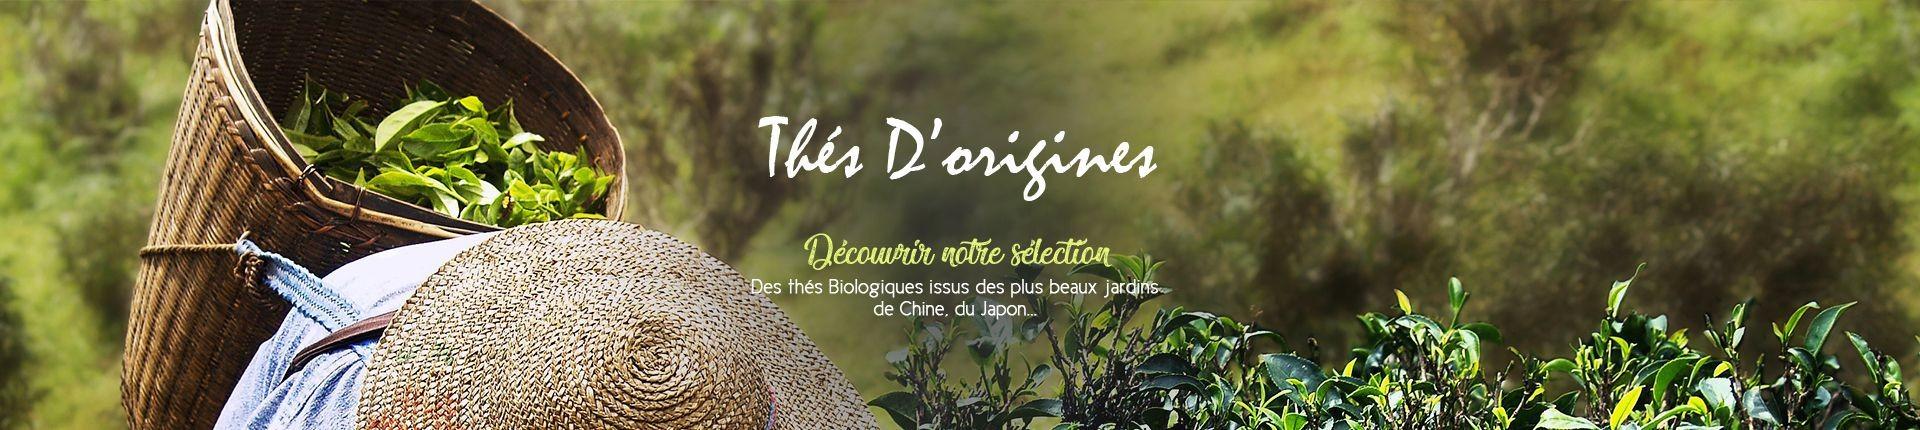 thé d'origines : Issus des plus beaux jardins